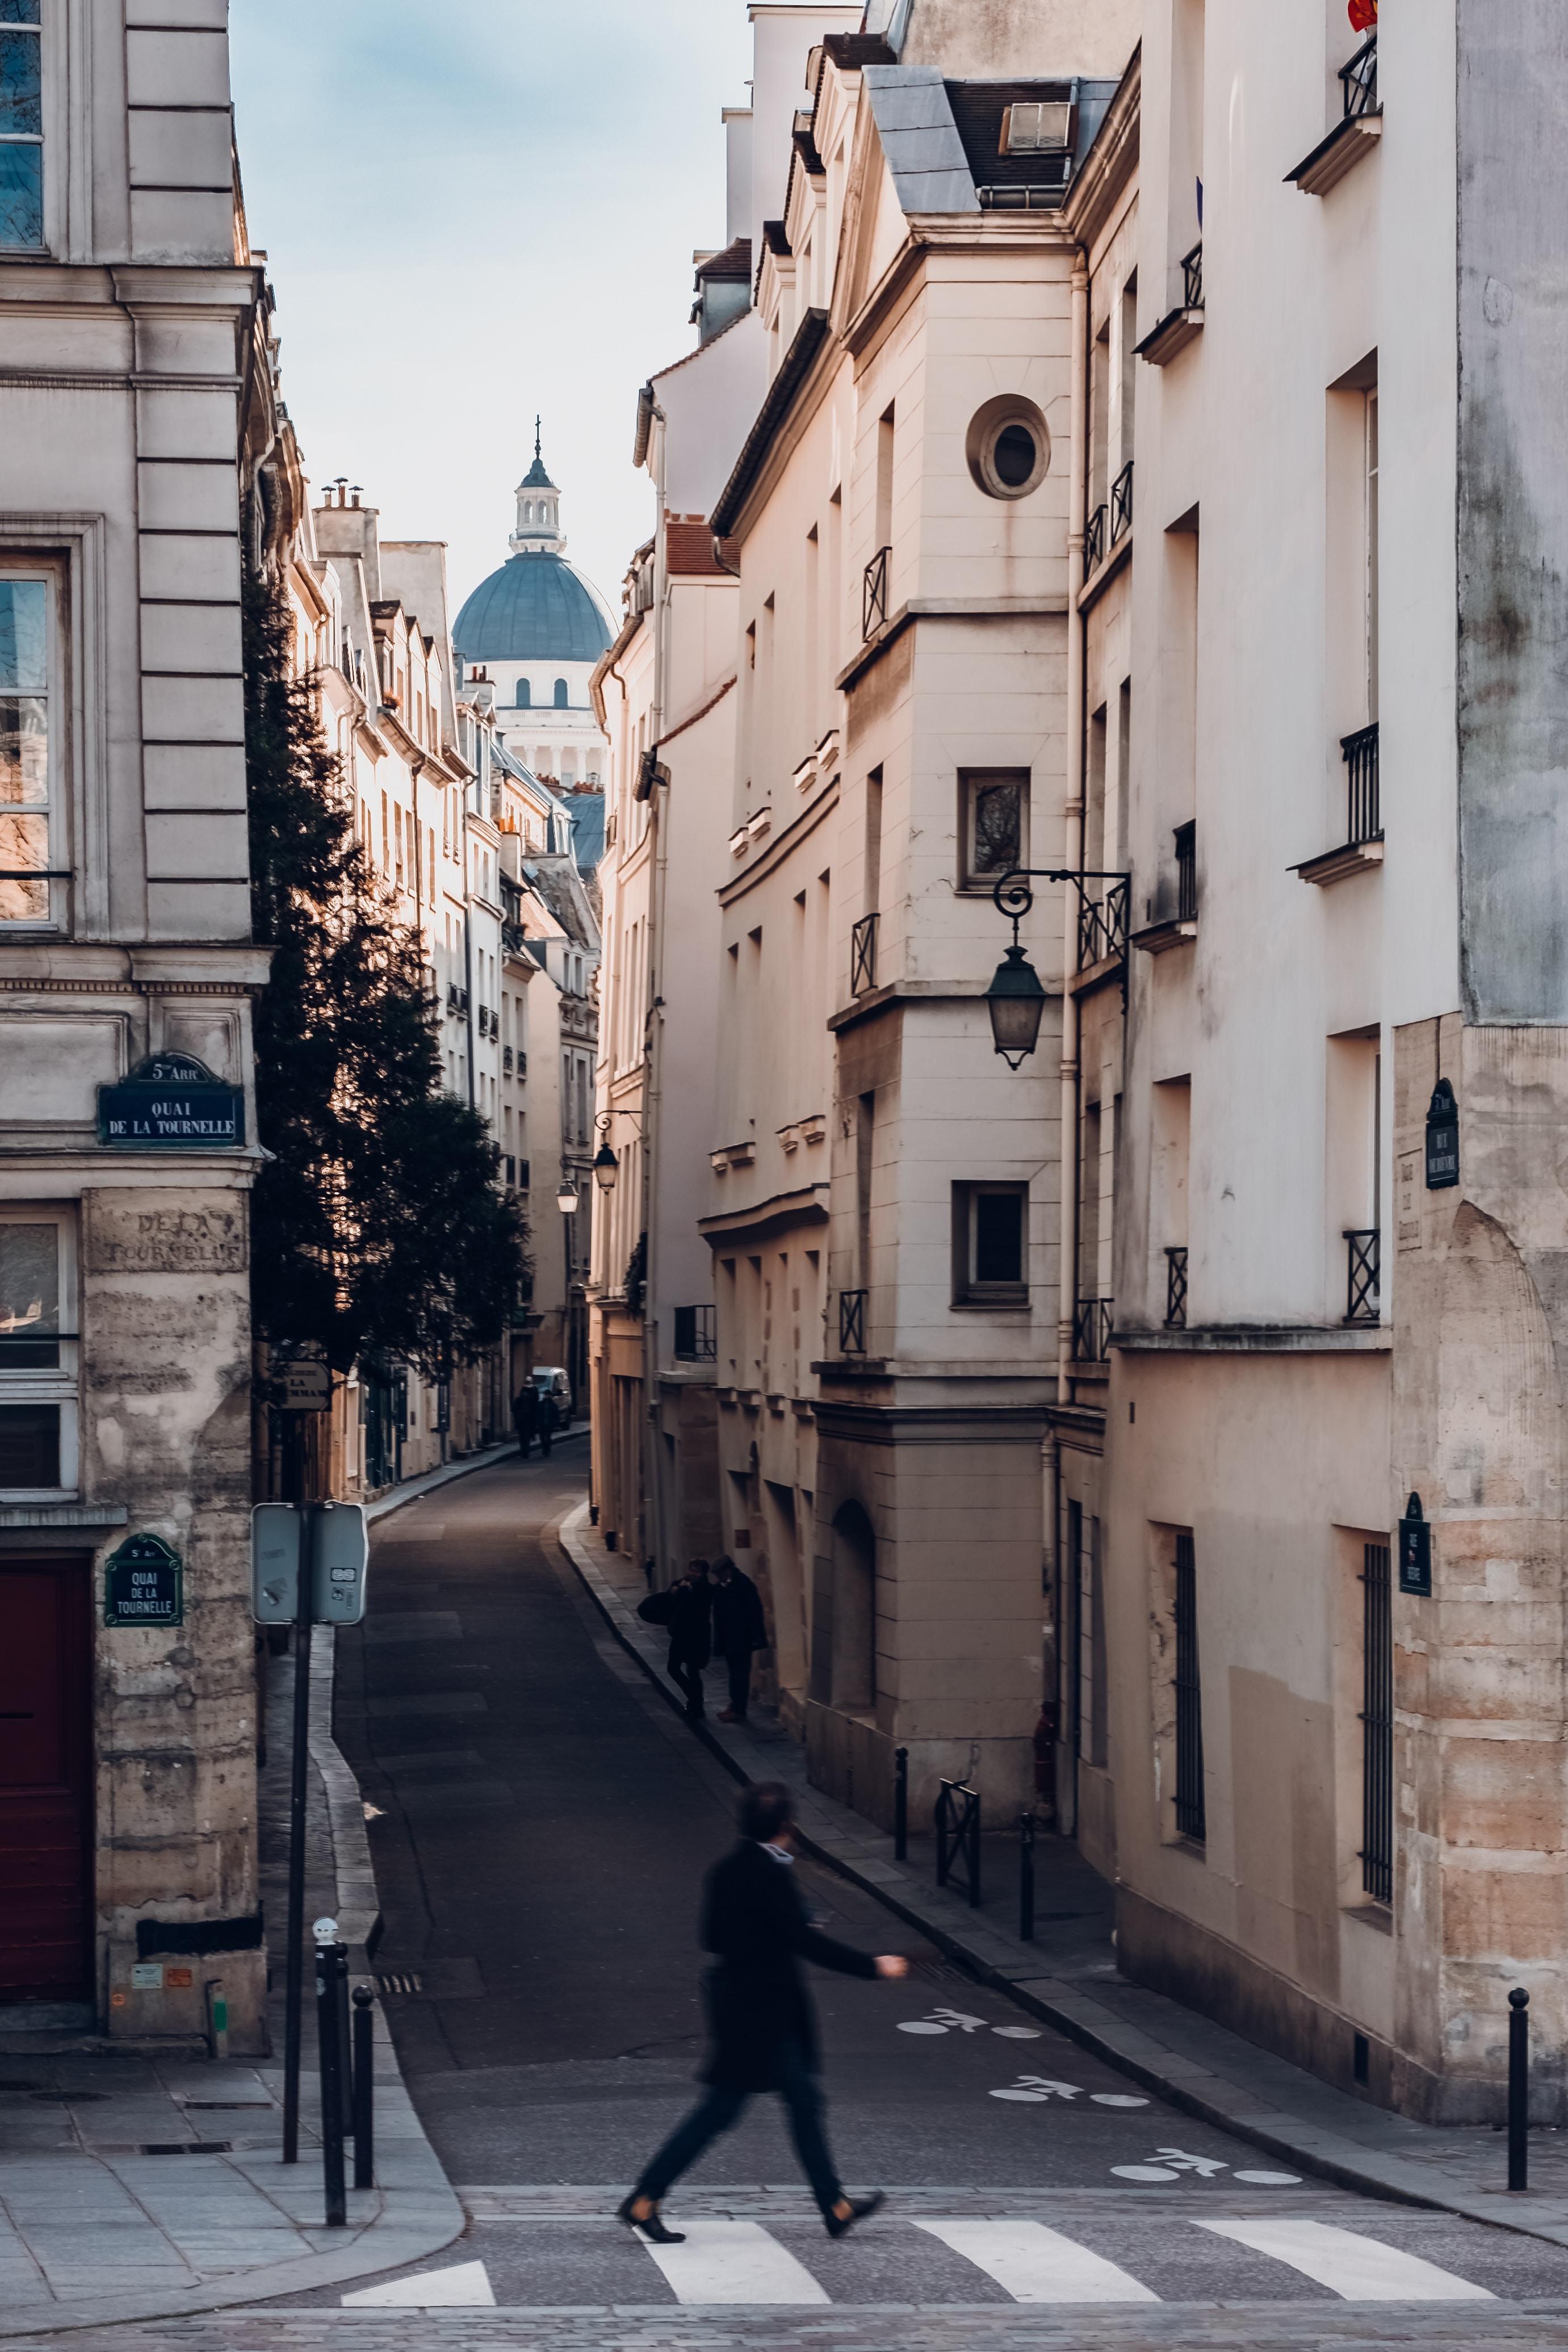 moverse en transporte público en paris